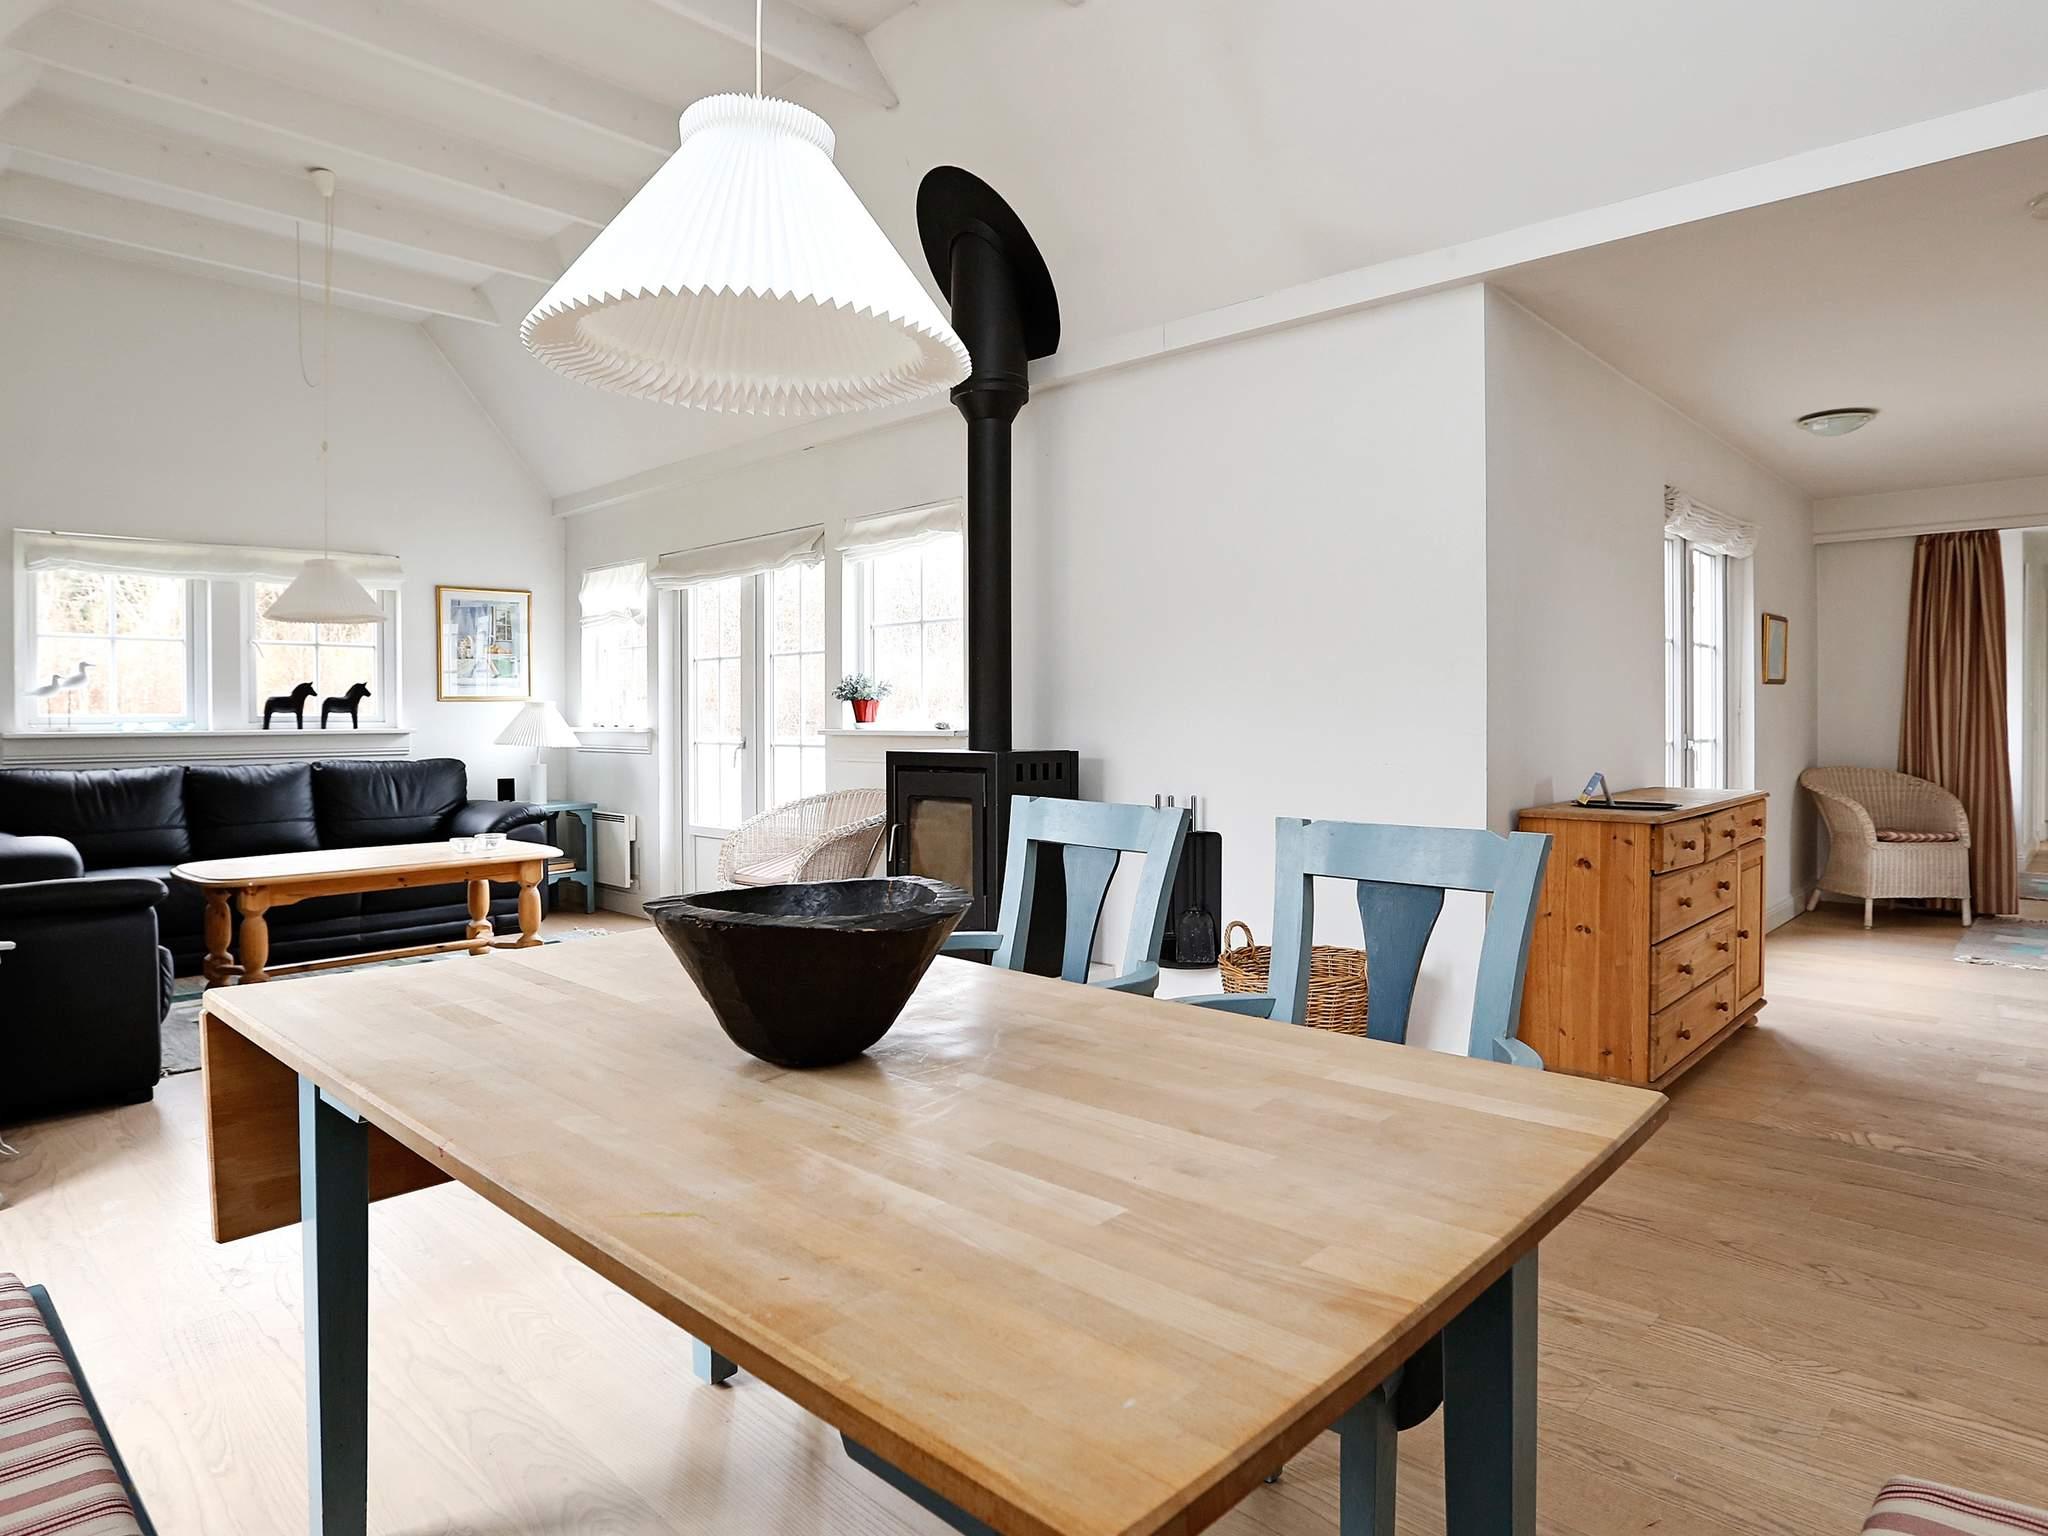 Ferienhaus Tisvildelund (86777), Vejby, , Nordseeland, Dänemark, Bild 3